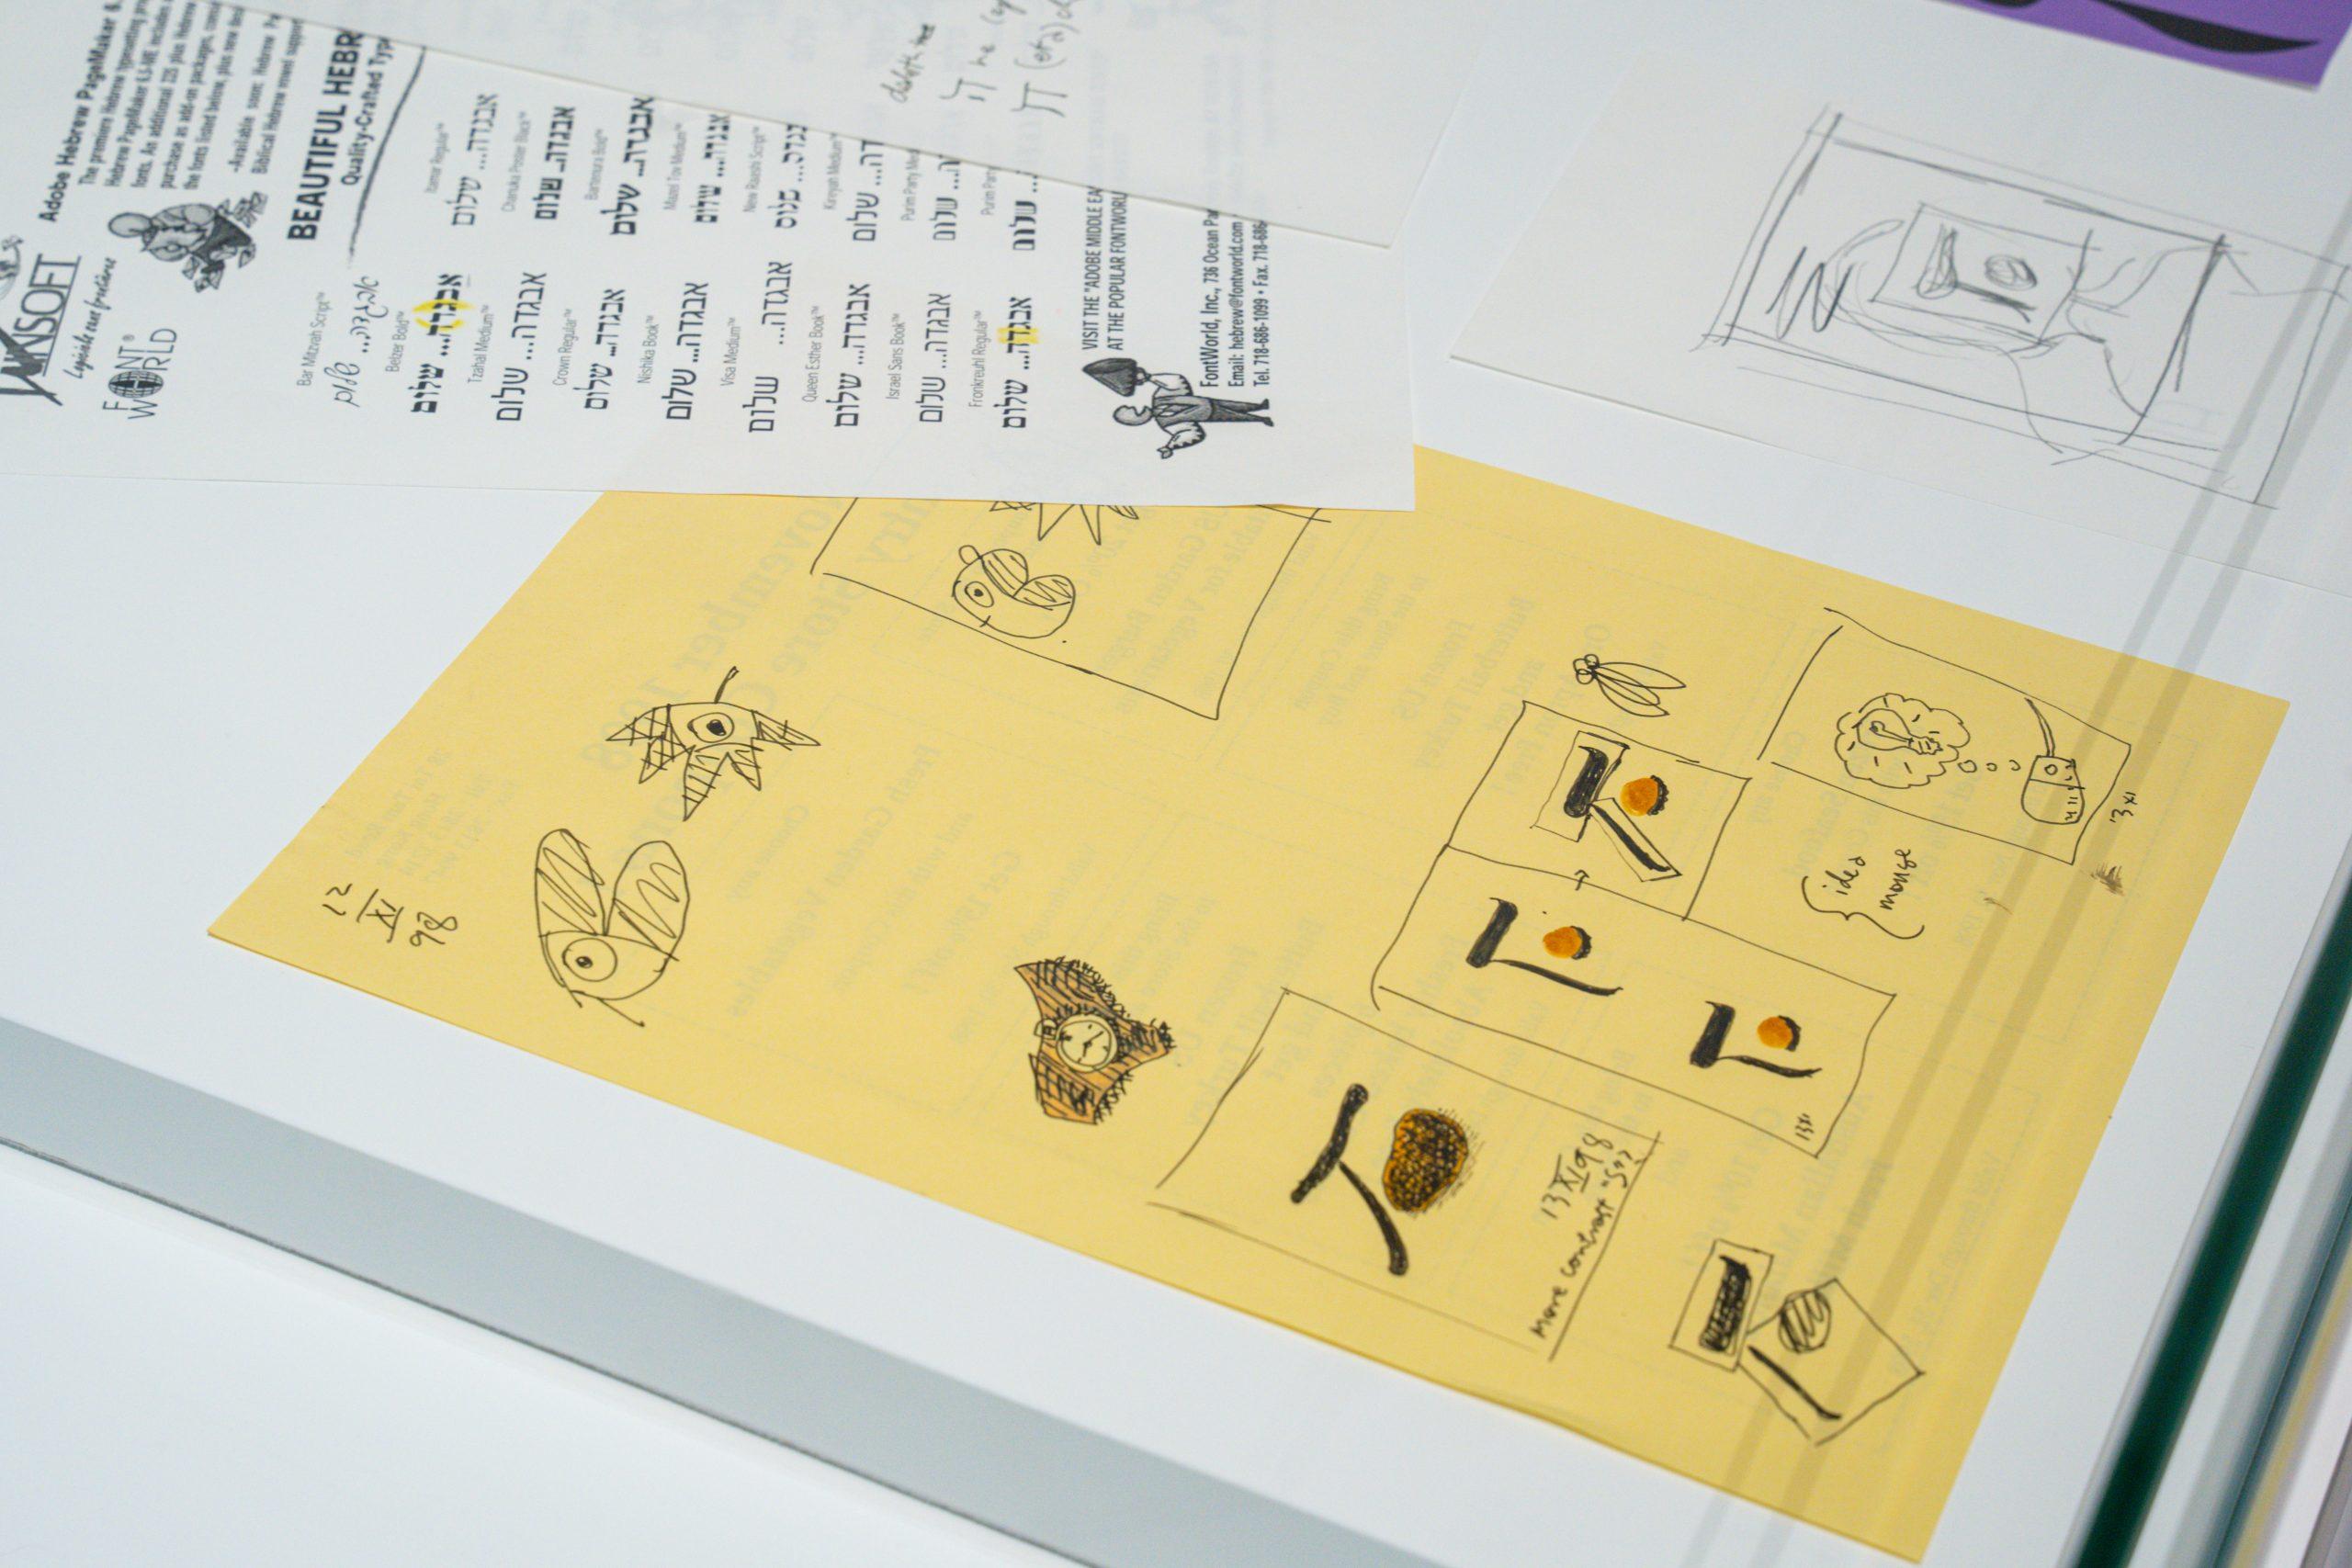 老香港設計展覽 石漢瑞 海平面 雜誌封面 石 拼合